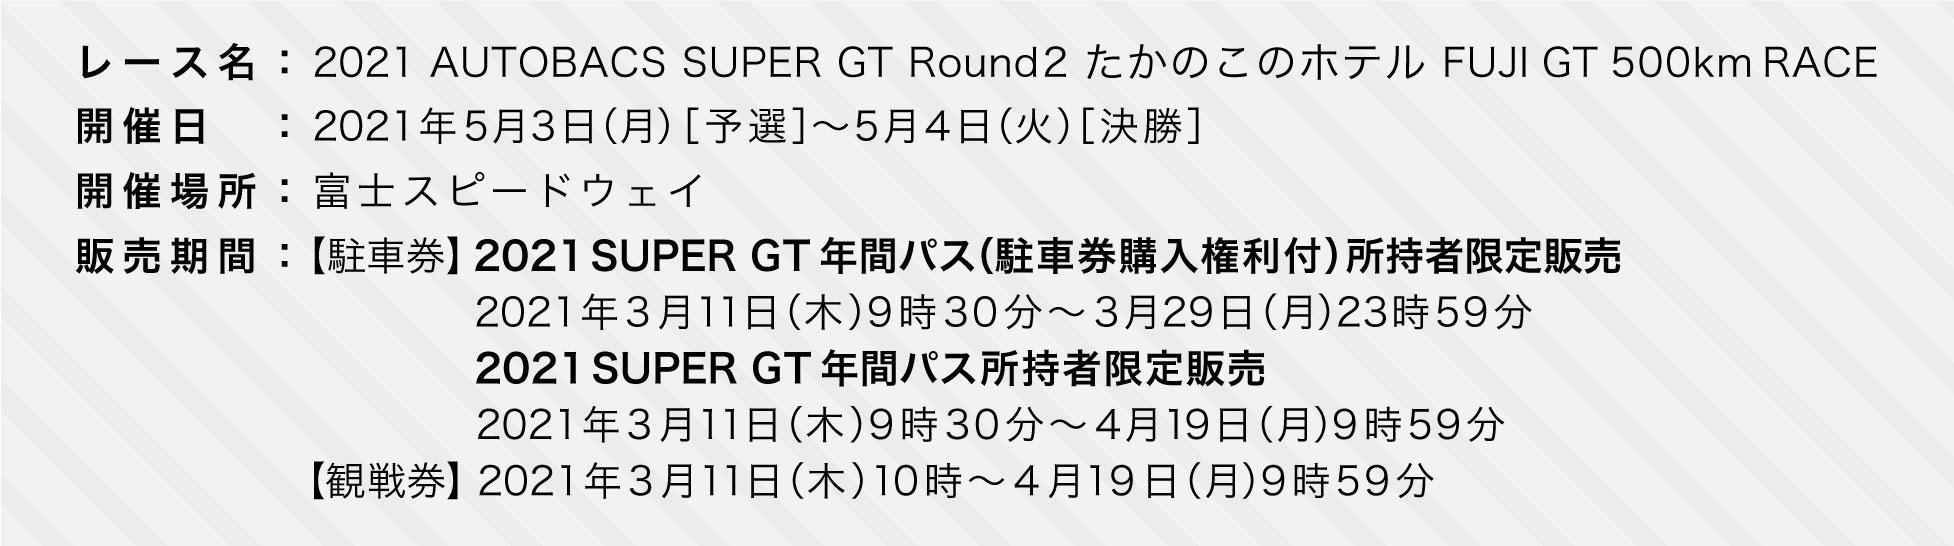 レース名:2021 AUTOBACS SUPER GT Round2 FUJI GT 500km RACE 開催日:2021年5月3日(月)[予選]〜5月4日(火)[決勝] 開催場所:富士スピードウェイ 販売期間:(駐車券)2021年3月11日(木)9時30分〜4月19日(月)9時59分(観戦券)2021年3月11日(木)10時〜4月19日(月)9時59分※コンビニ決済は2021年4月8日(木)9時59分まで